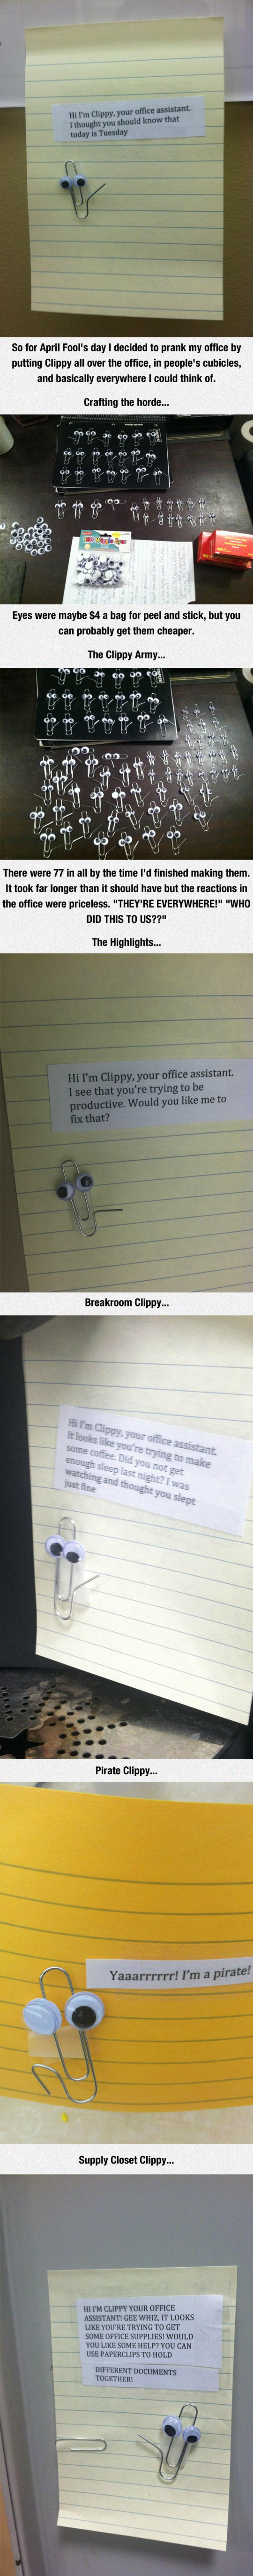 Clippy, office assistant. .. WEEEEEEEEEEEEEEEEEEEEEEEEEEEEEEEEEE